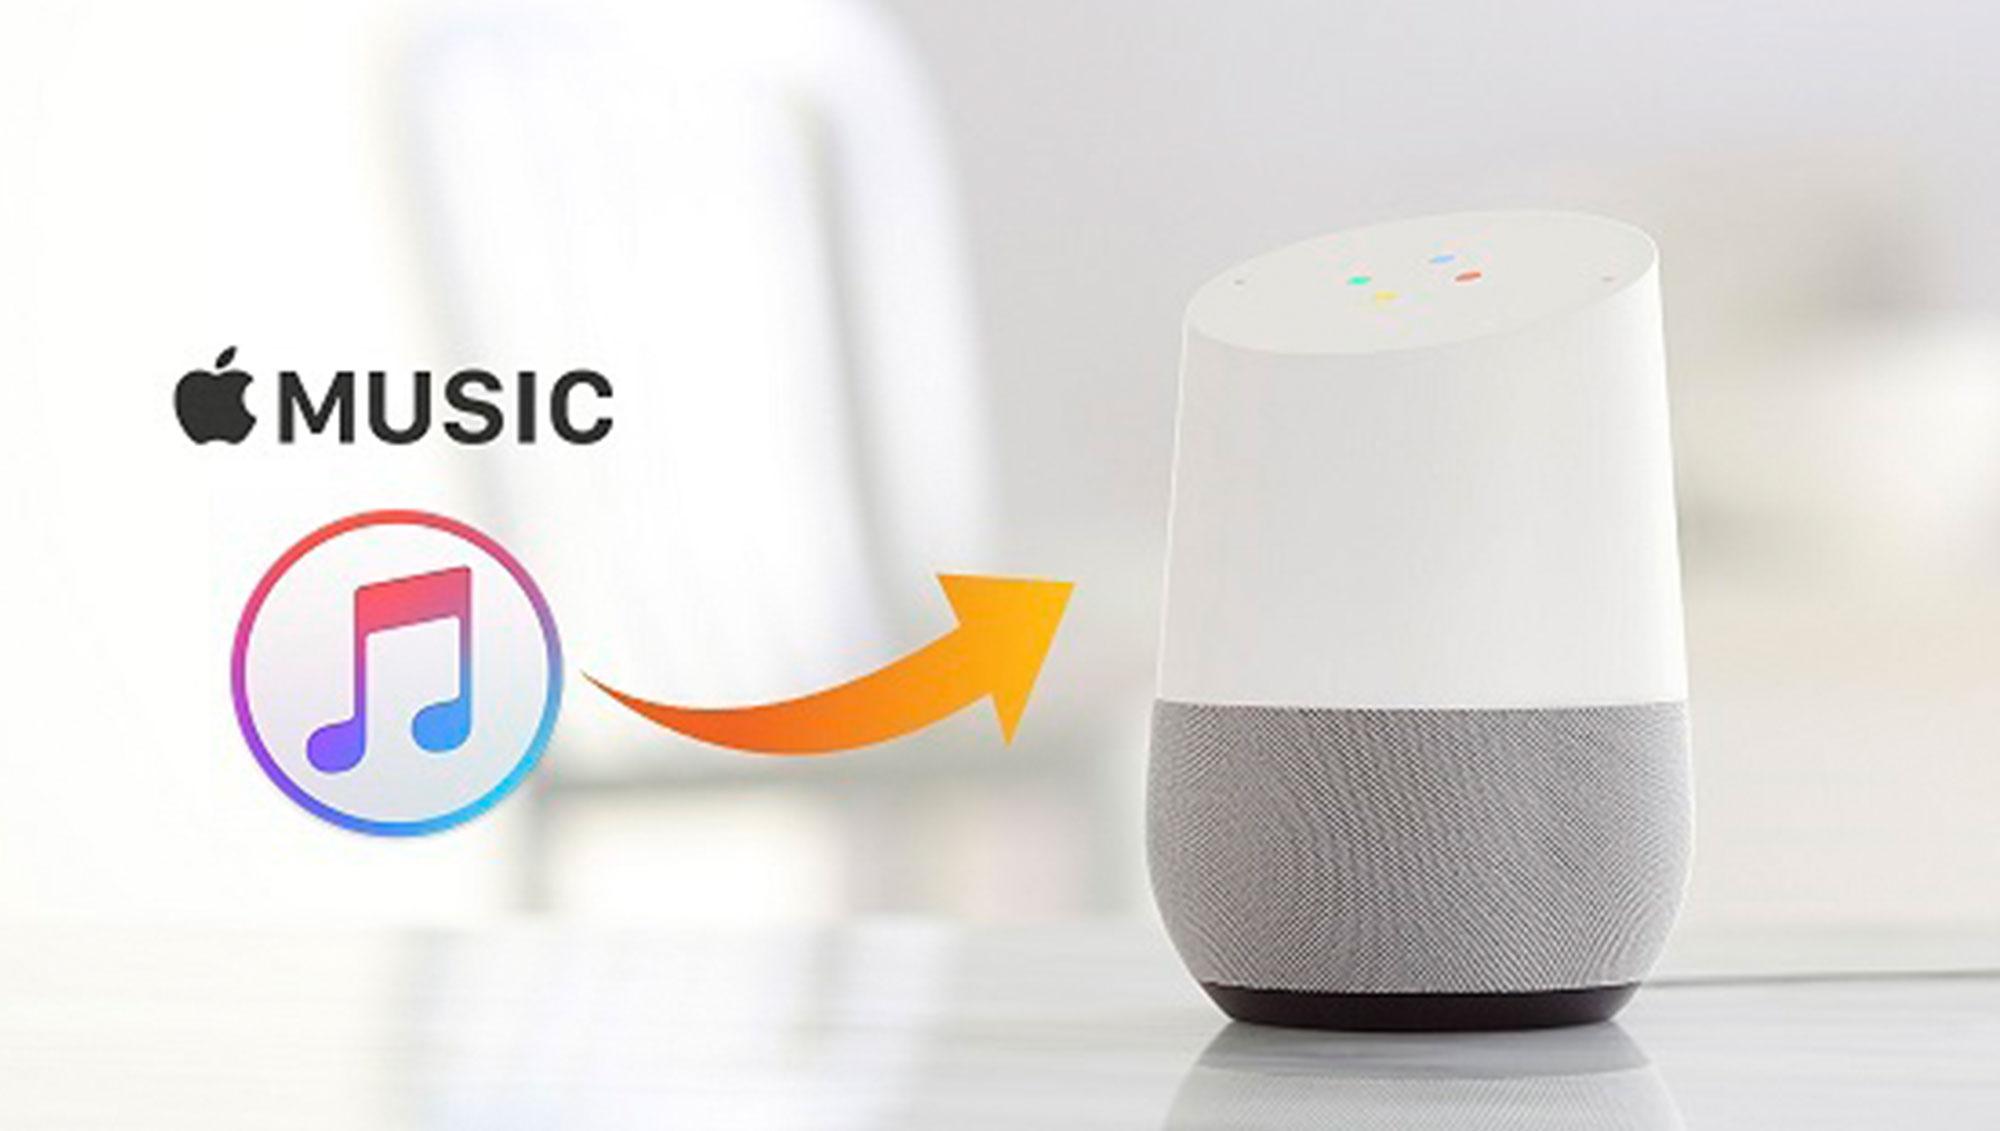 谷歌:Apple Music 现身 Home 应用或因系统 Bug 导致